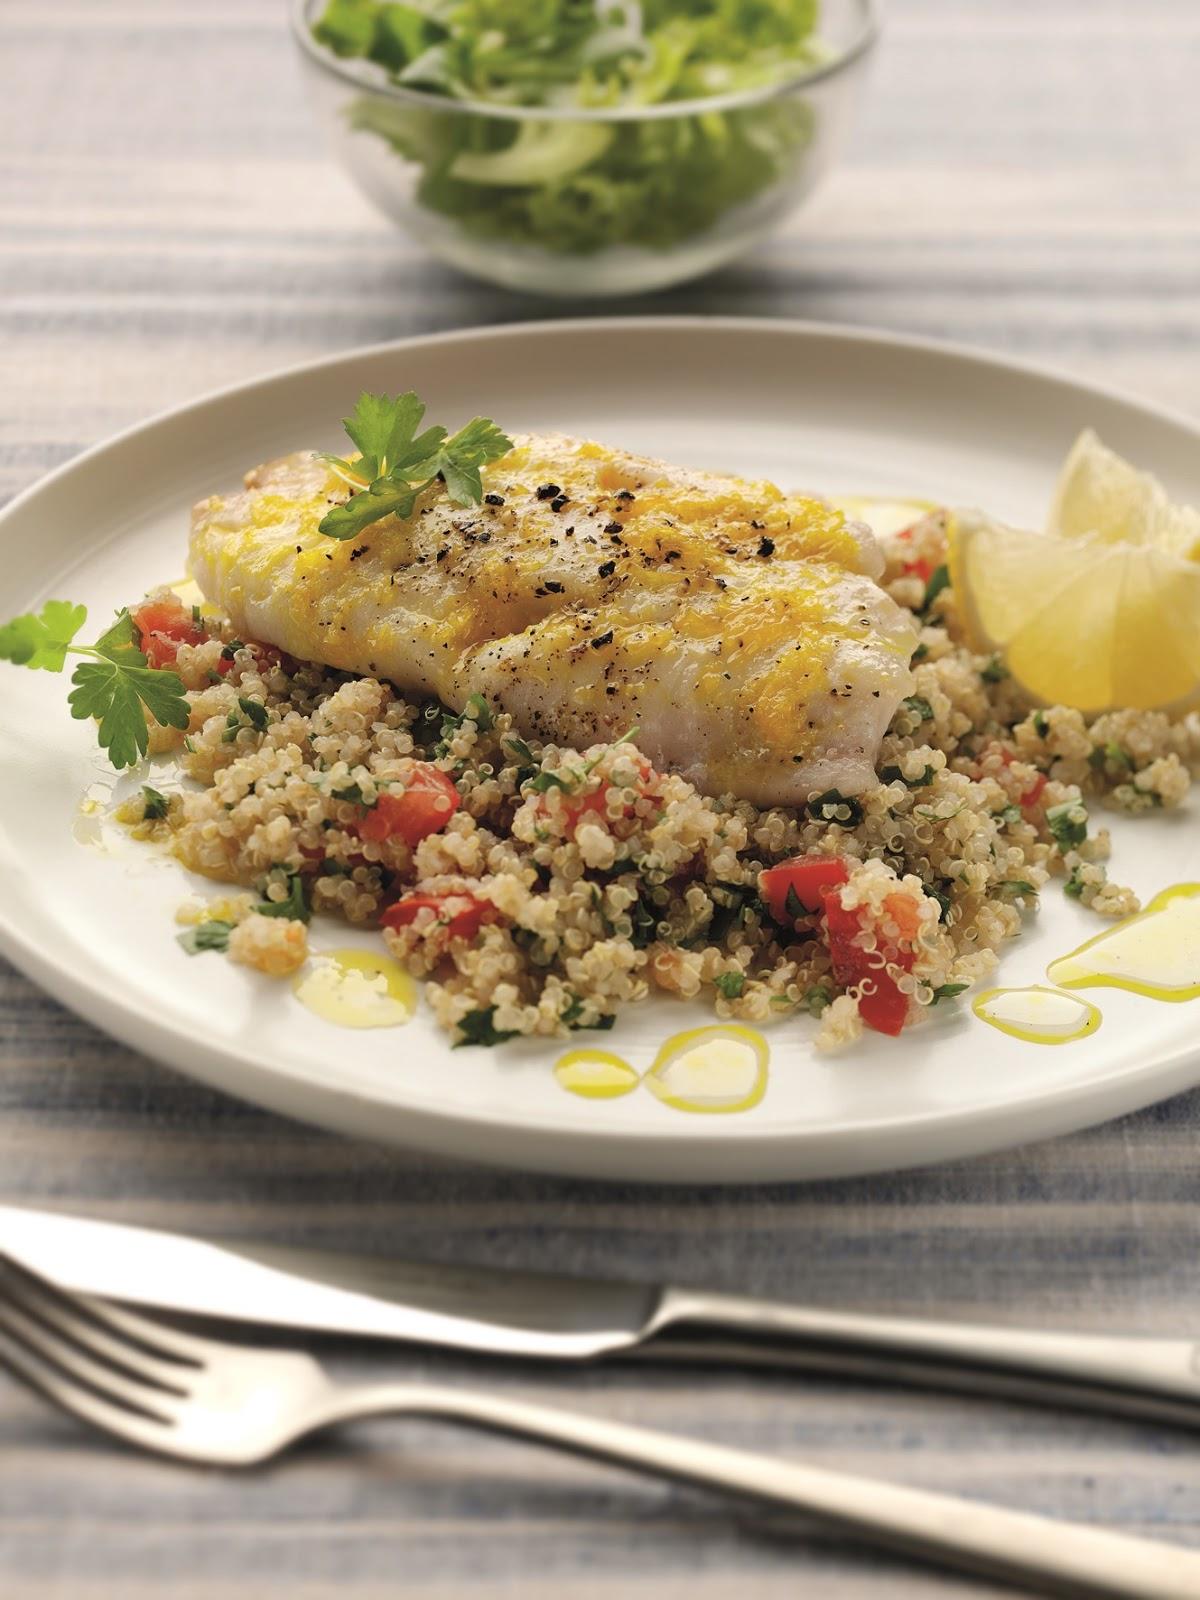 Baked Lemon Cod With Quinoa Tabbouleh